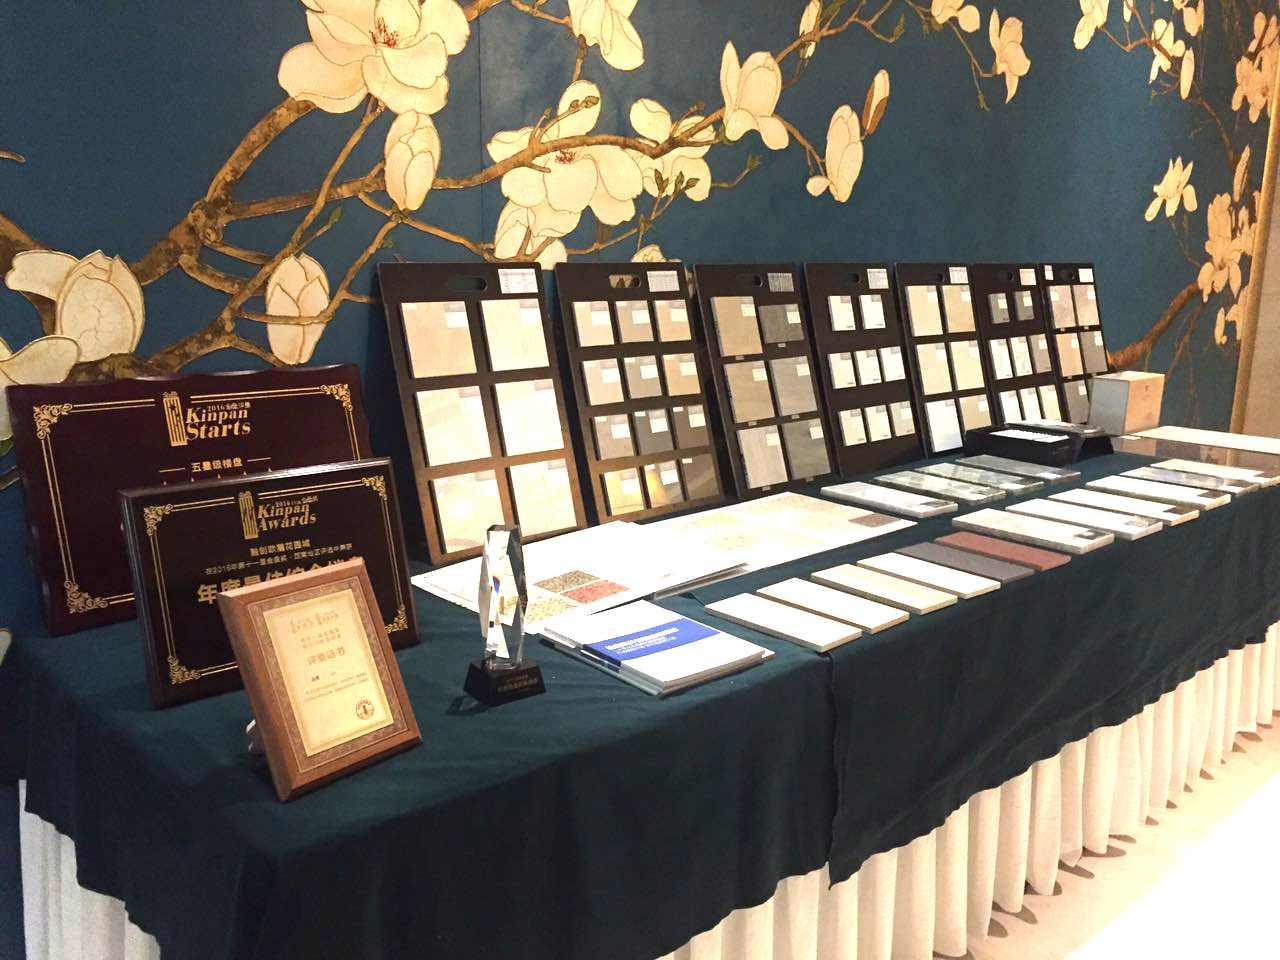 第十二届金盘奖华中地区评选现场材料展示